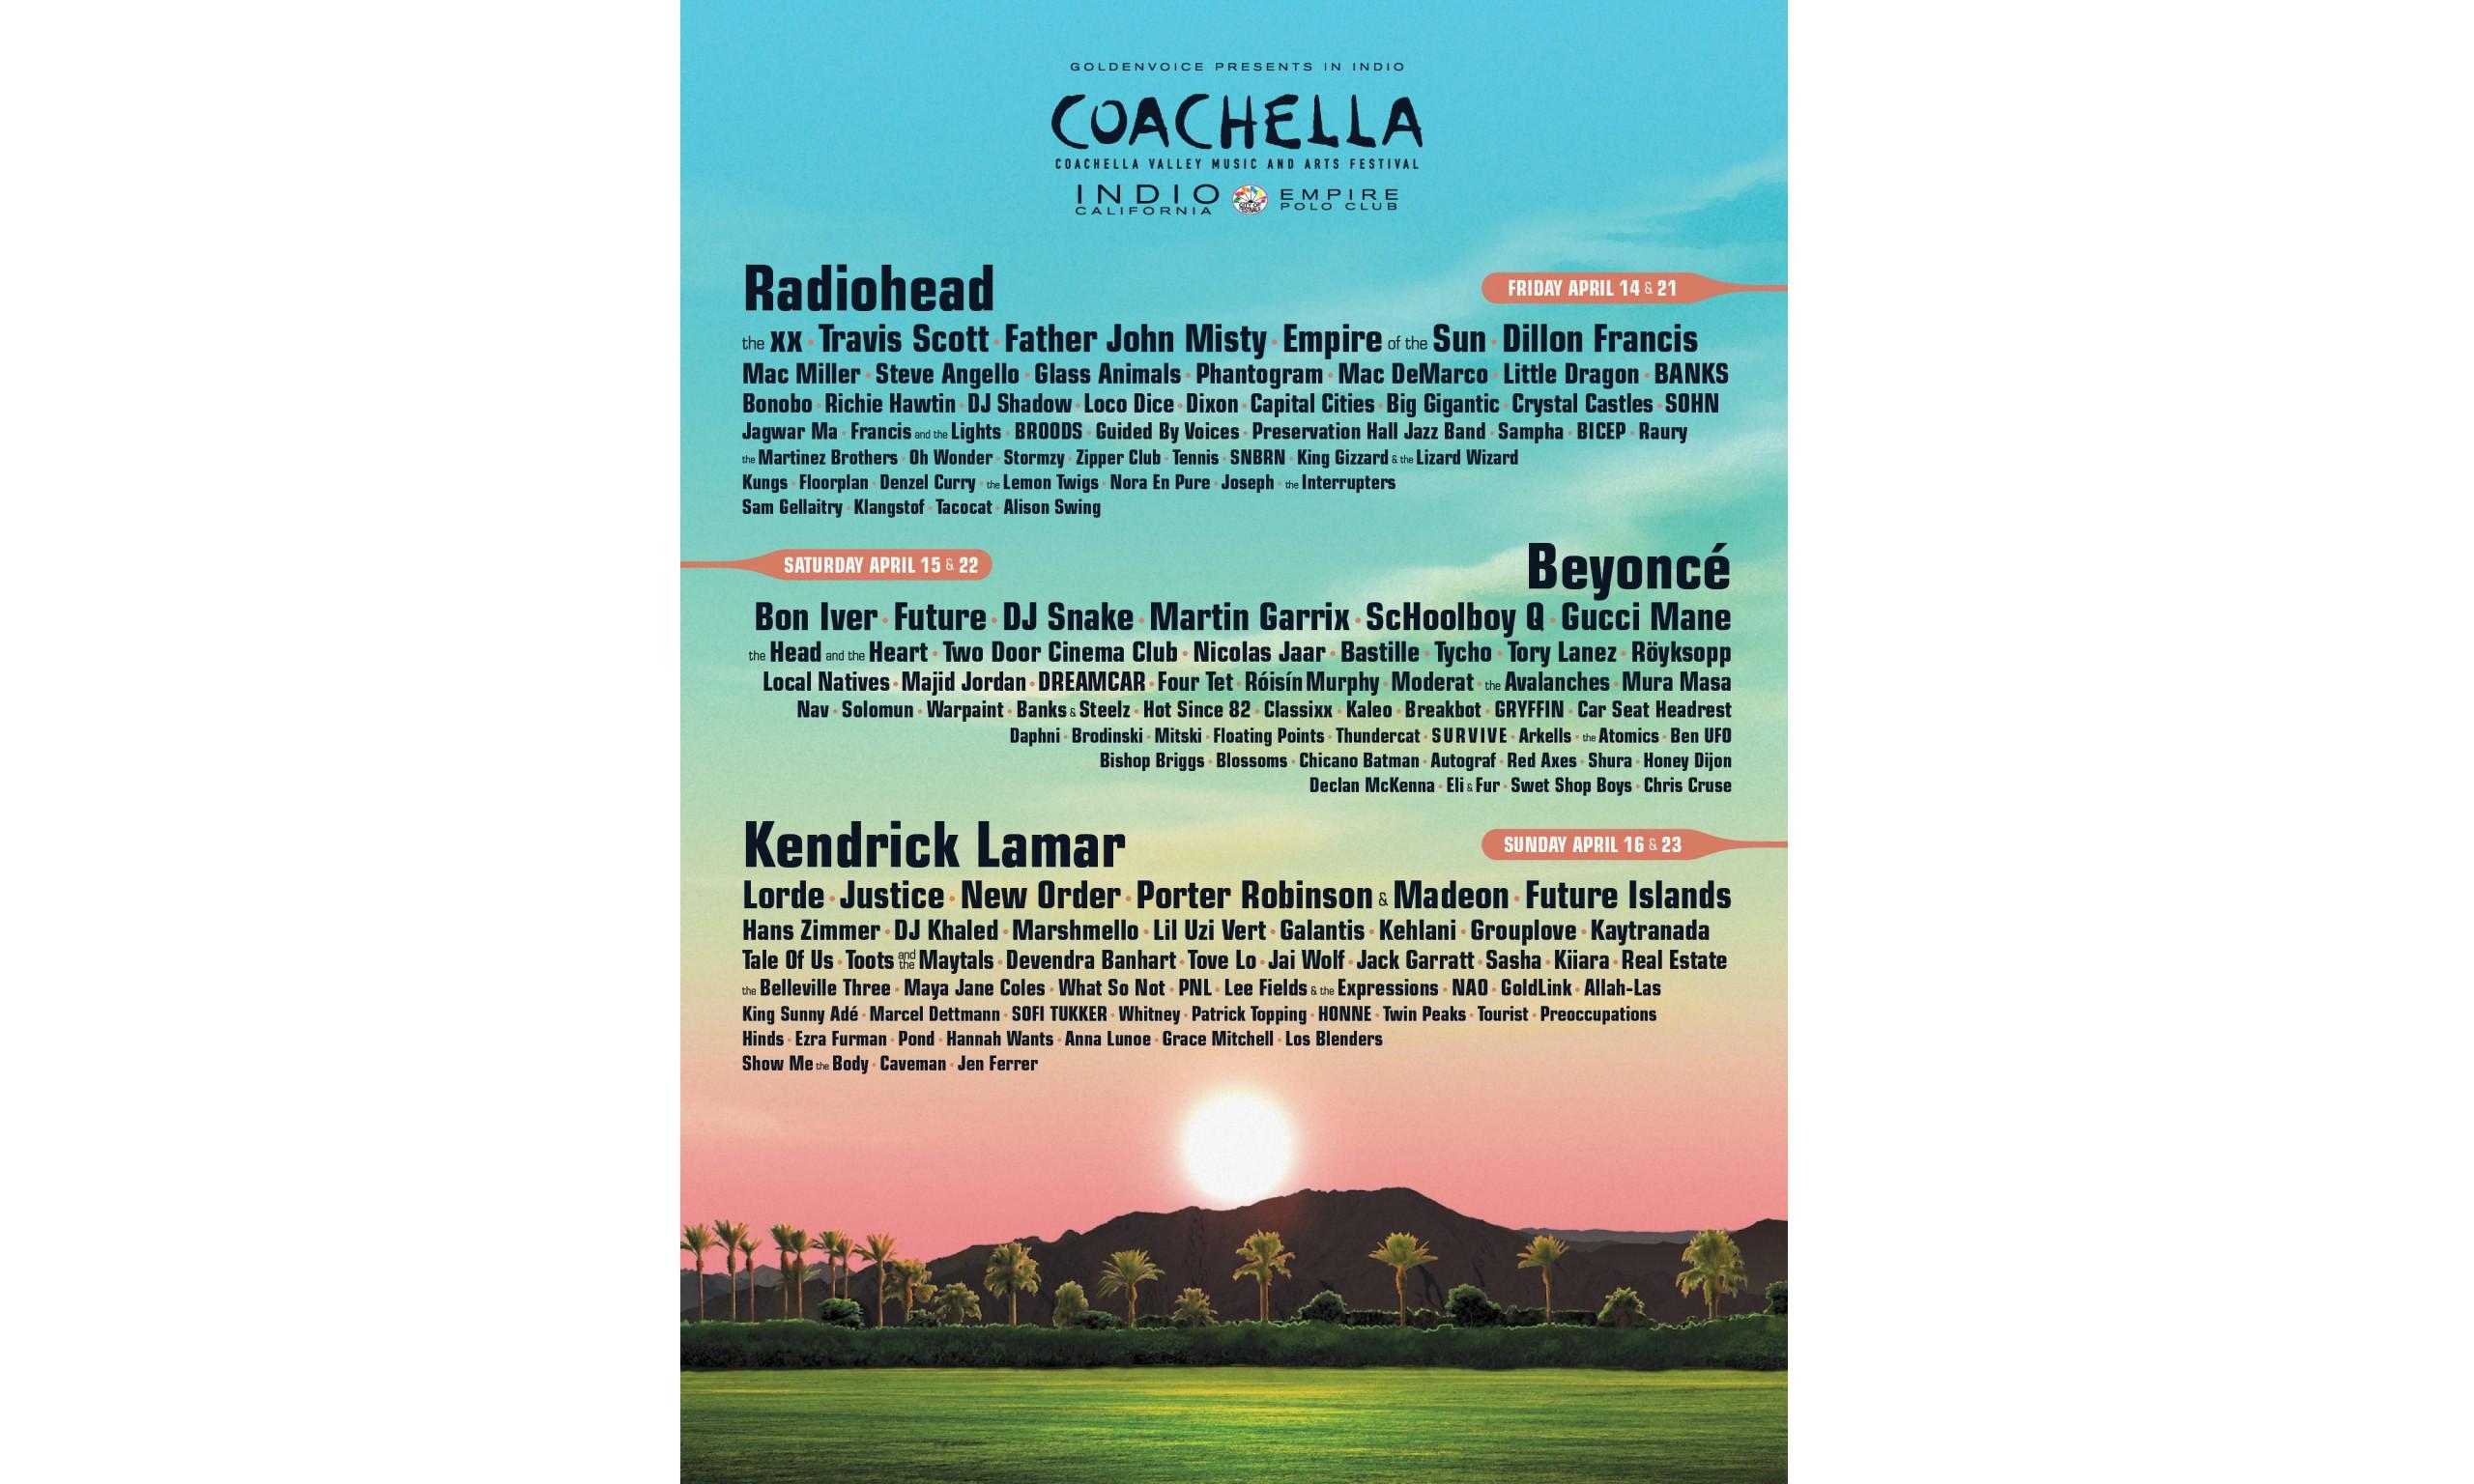 星光璀璨,Coachella 音乐节嘉宾阵容公布